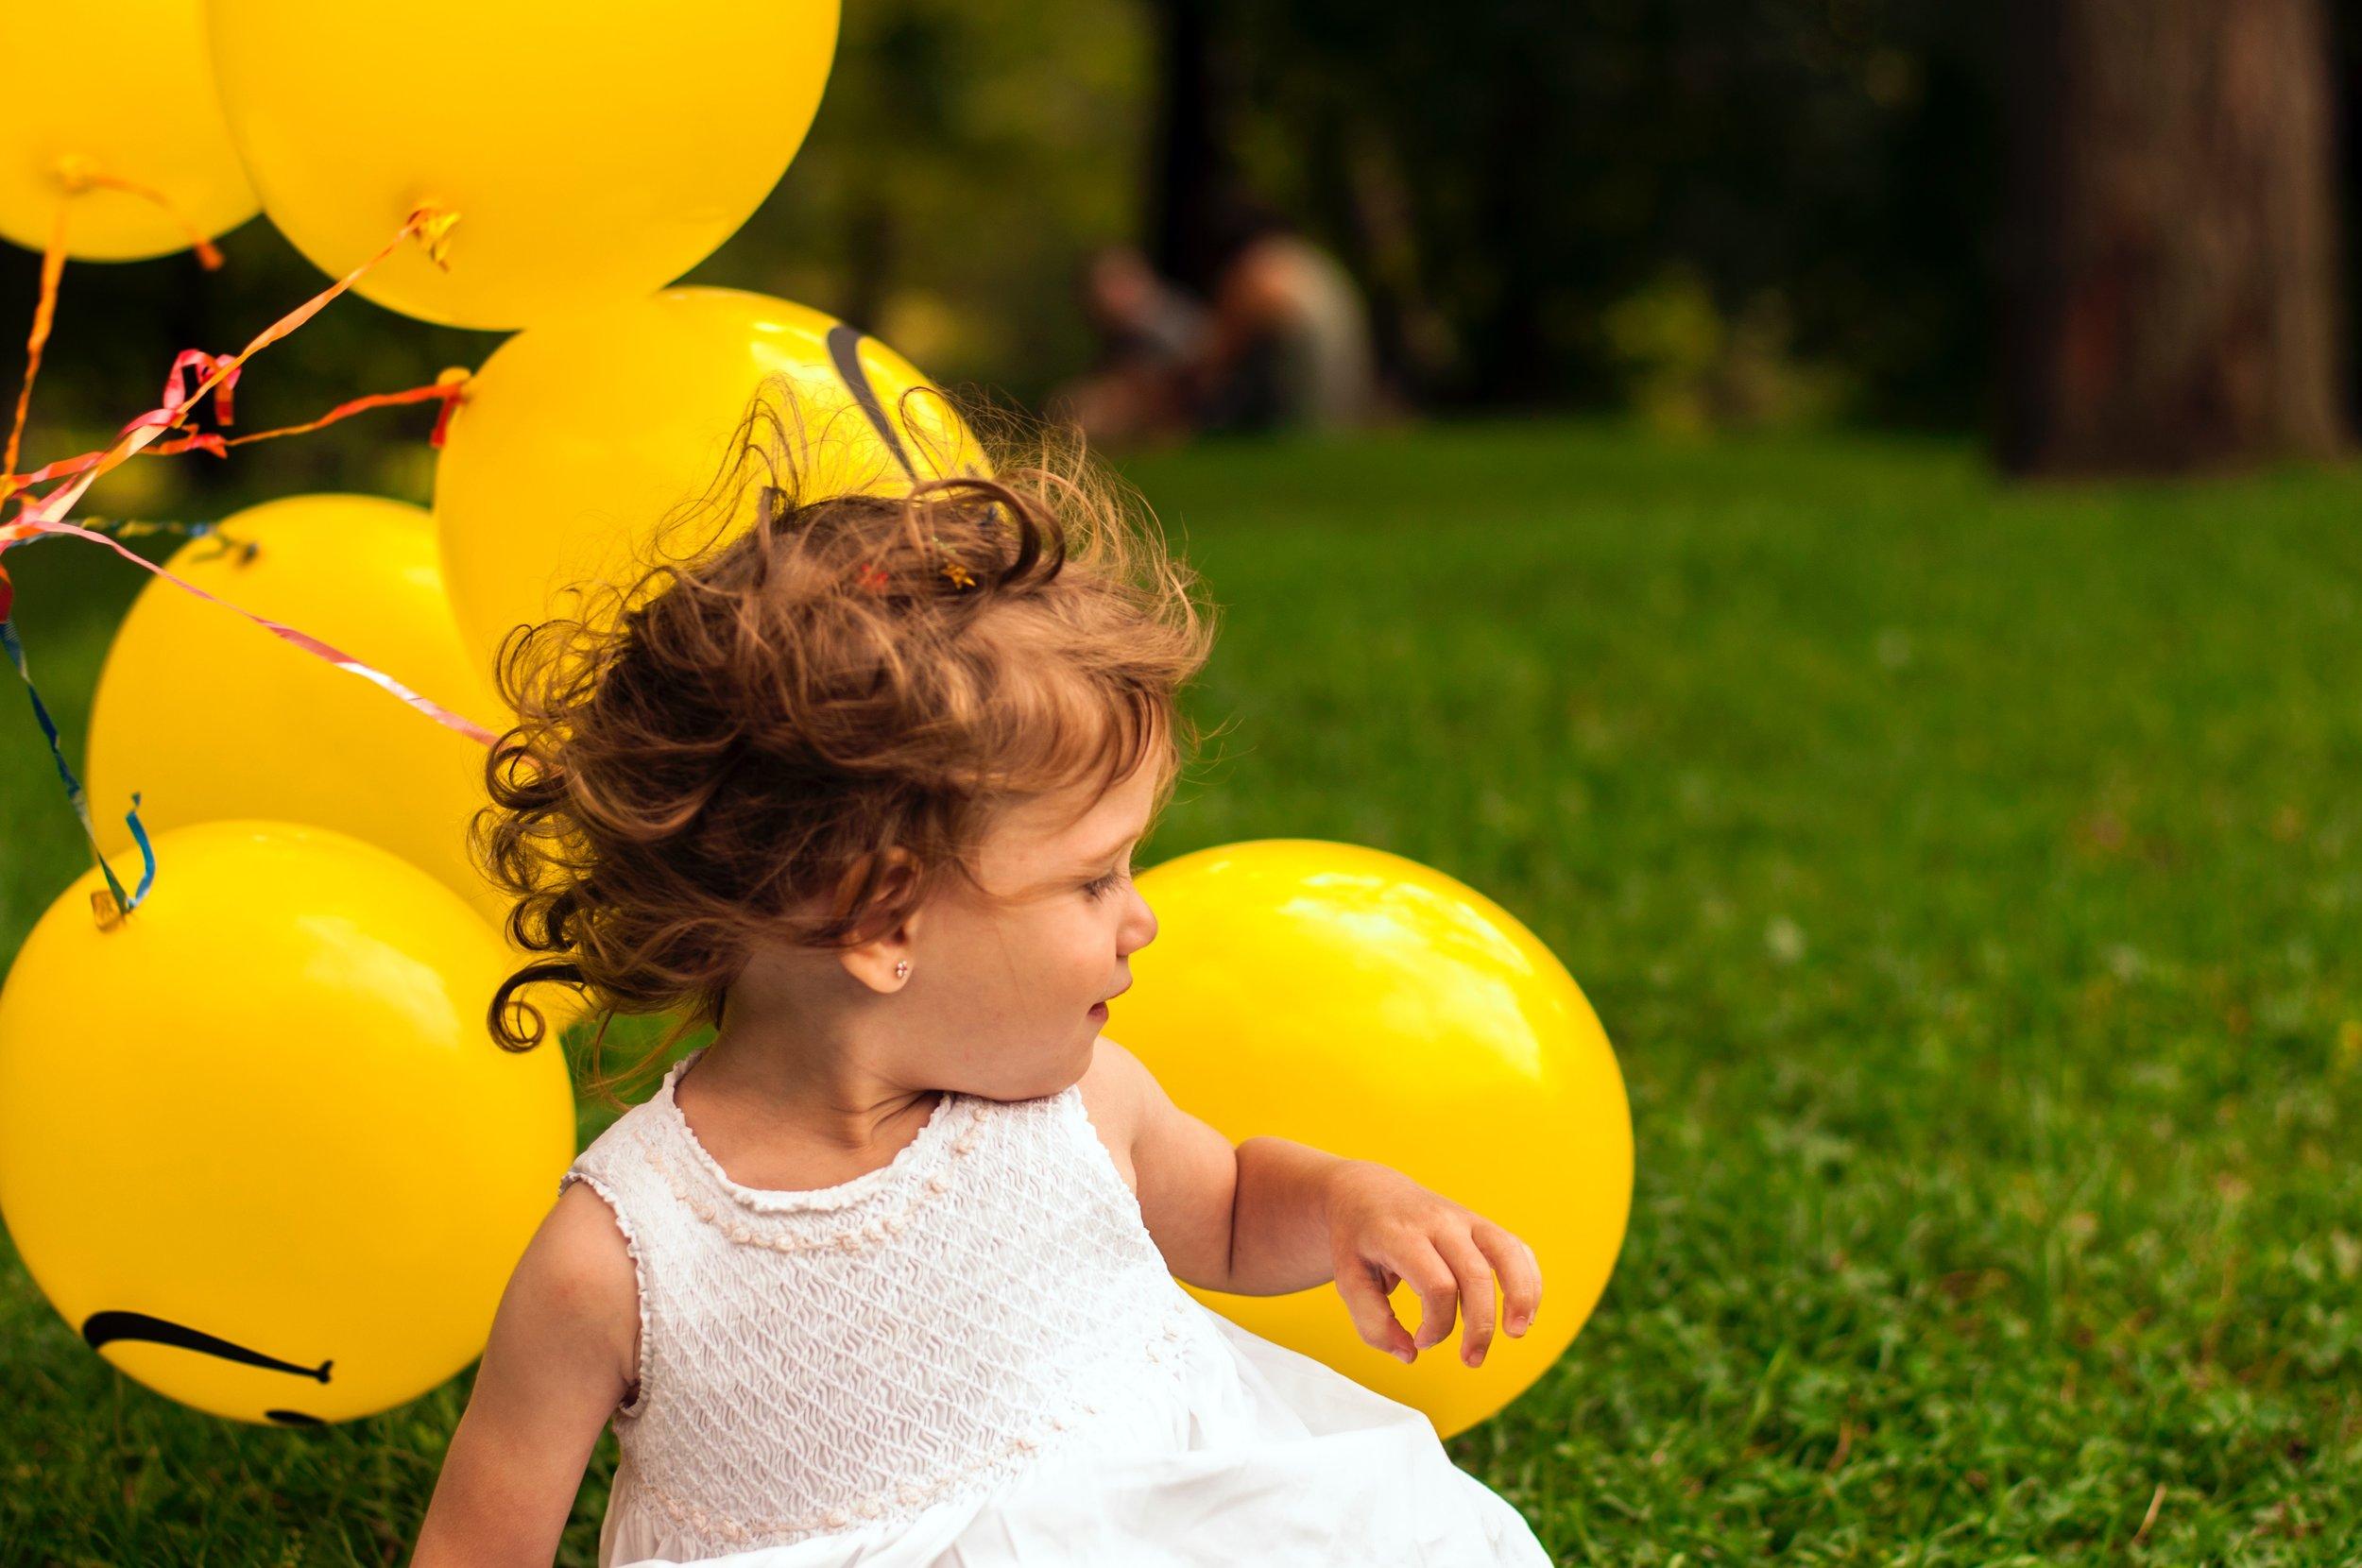 La diferencia de Sunnyside - Para Sunnyside, el niño y la niña son un ser único en constante crecimiento, que siente, piensa, crea, experimenta, actúa y transforma el contexto socio-afectivo al que pertenece.